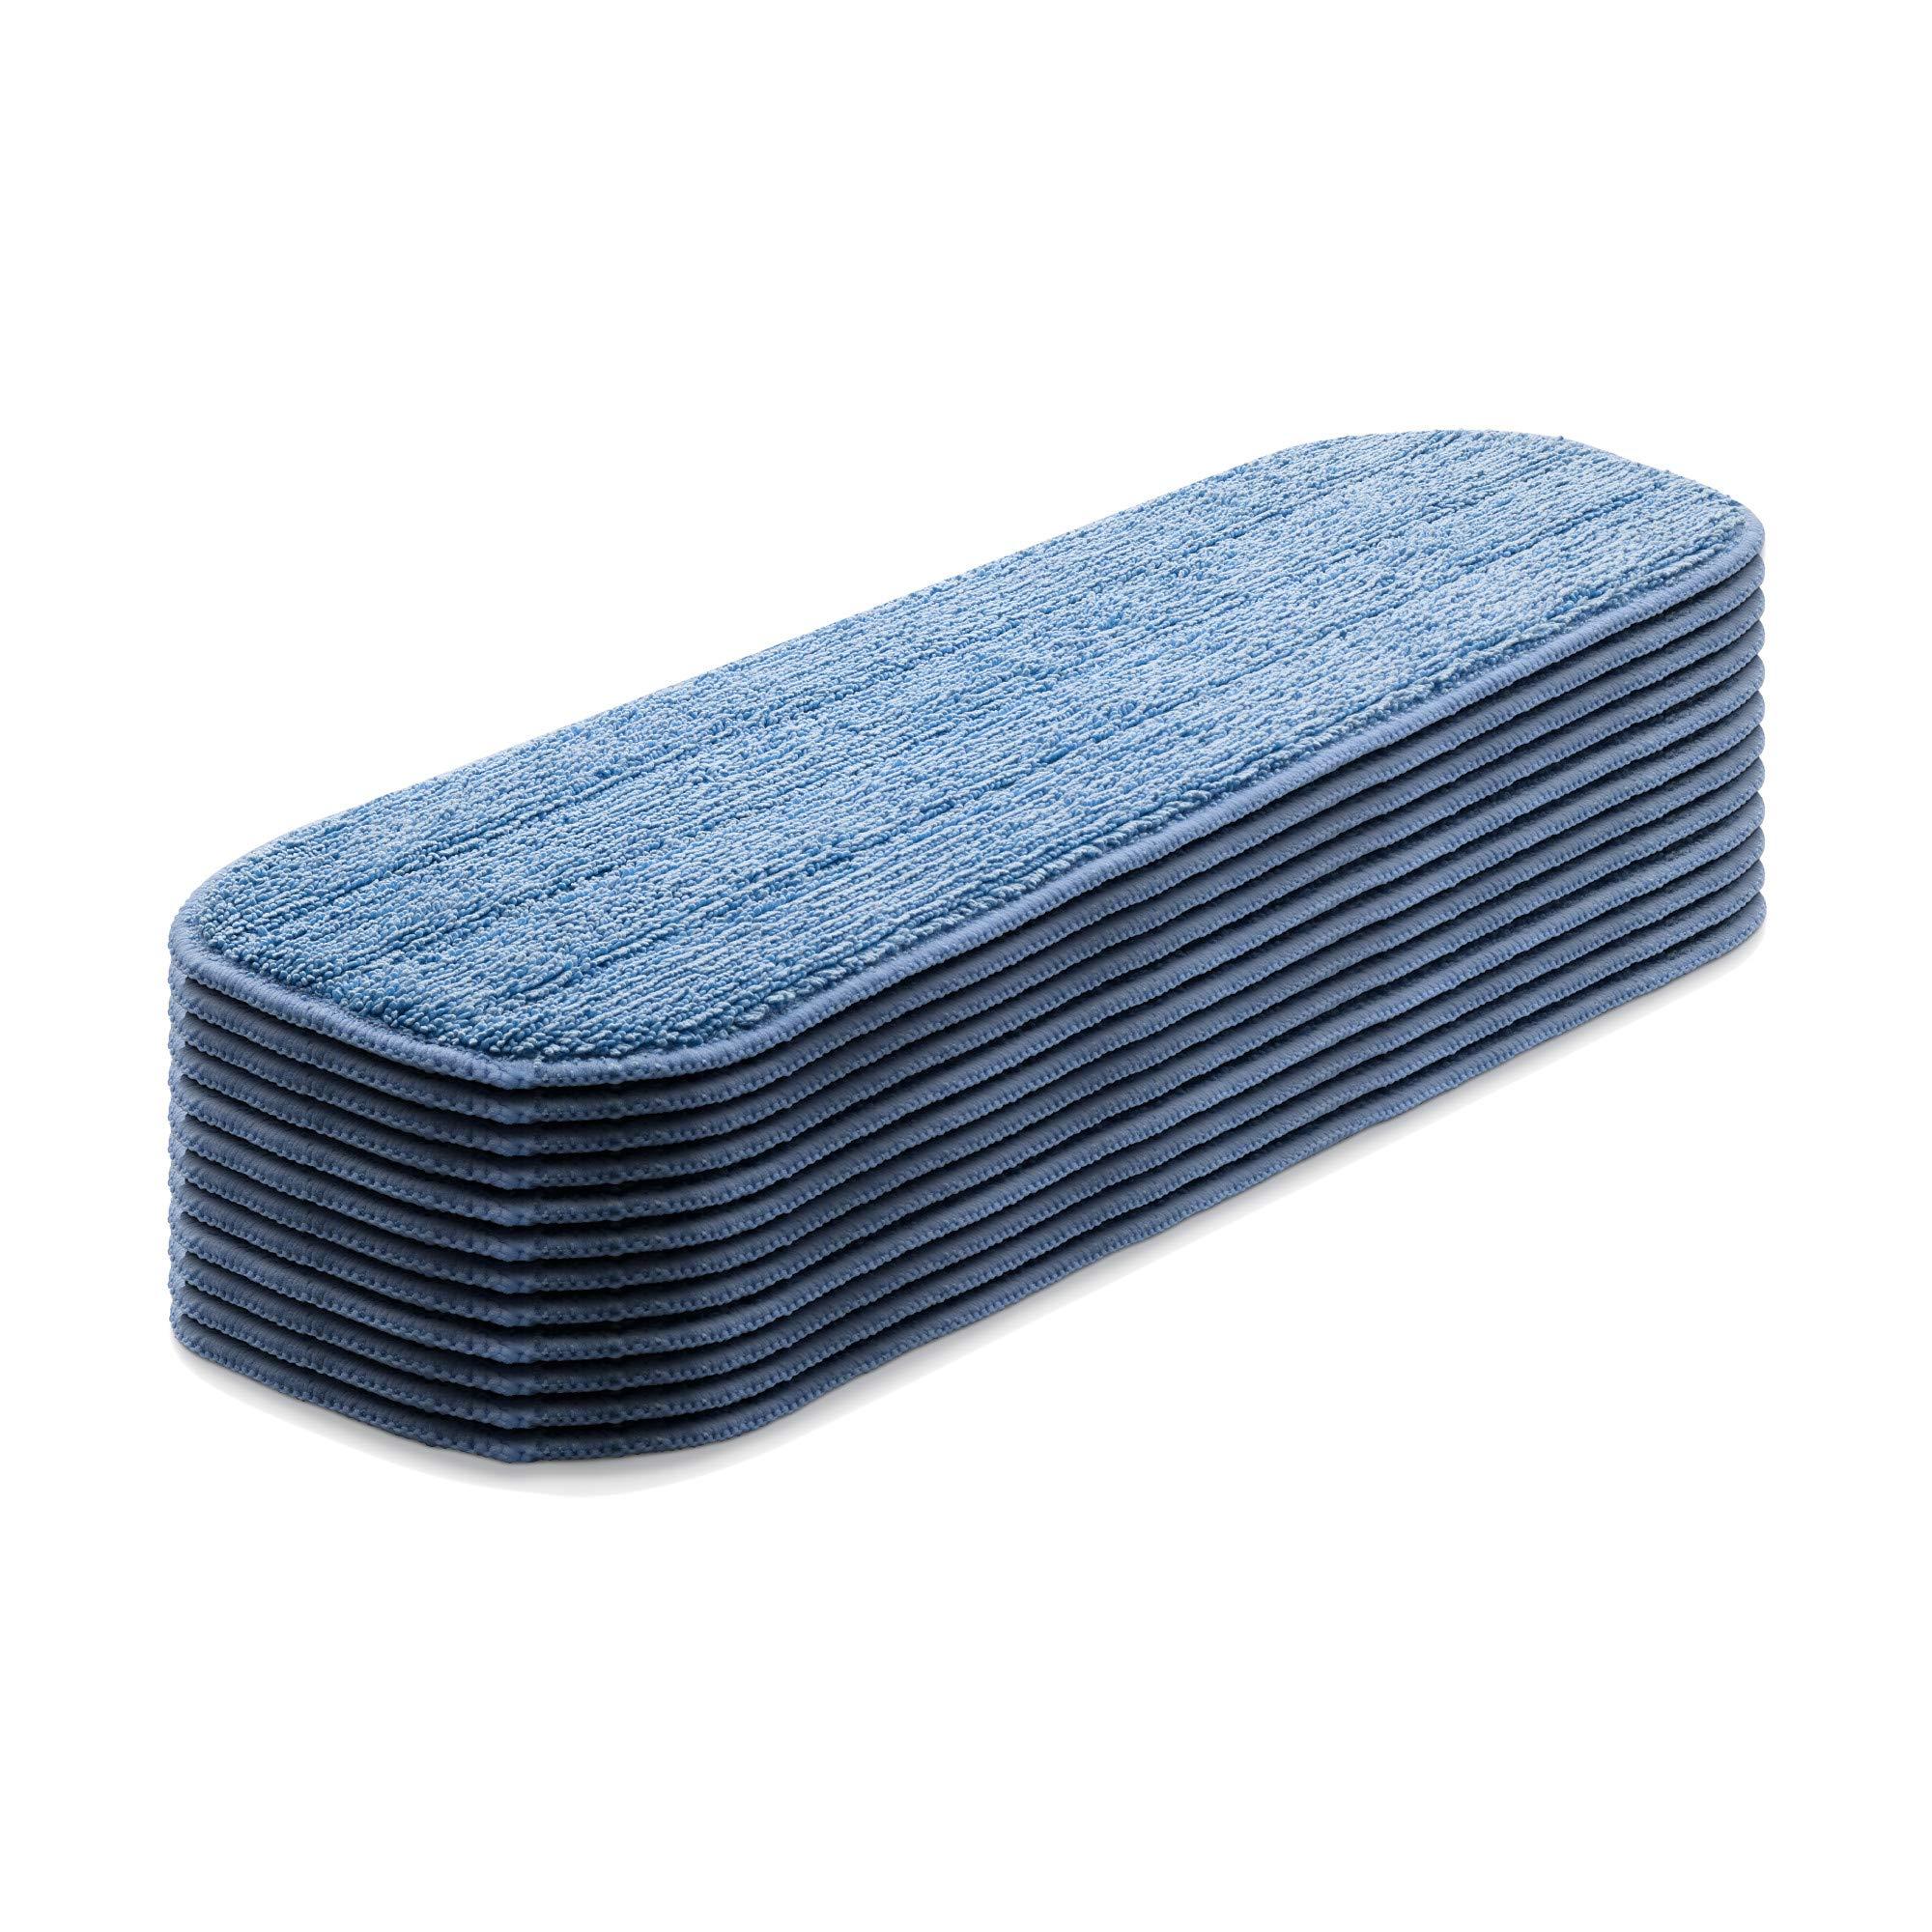 E-Cloth Deep Clean Mop Head, Microfiber Damp Mop Head, 12 Count by E-Cloth